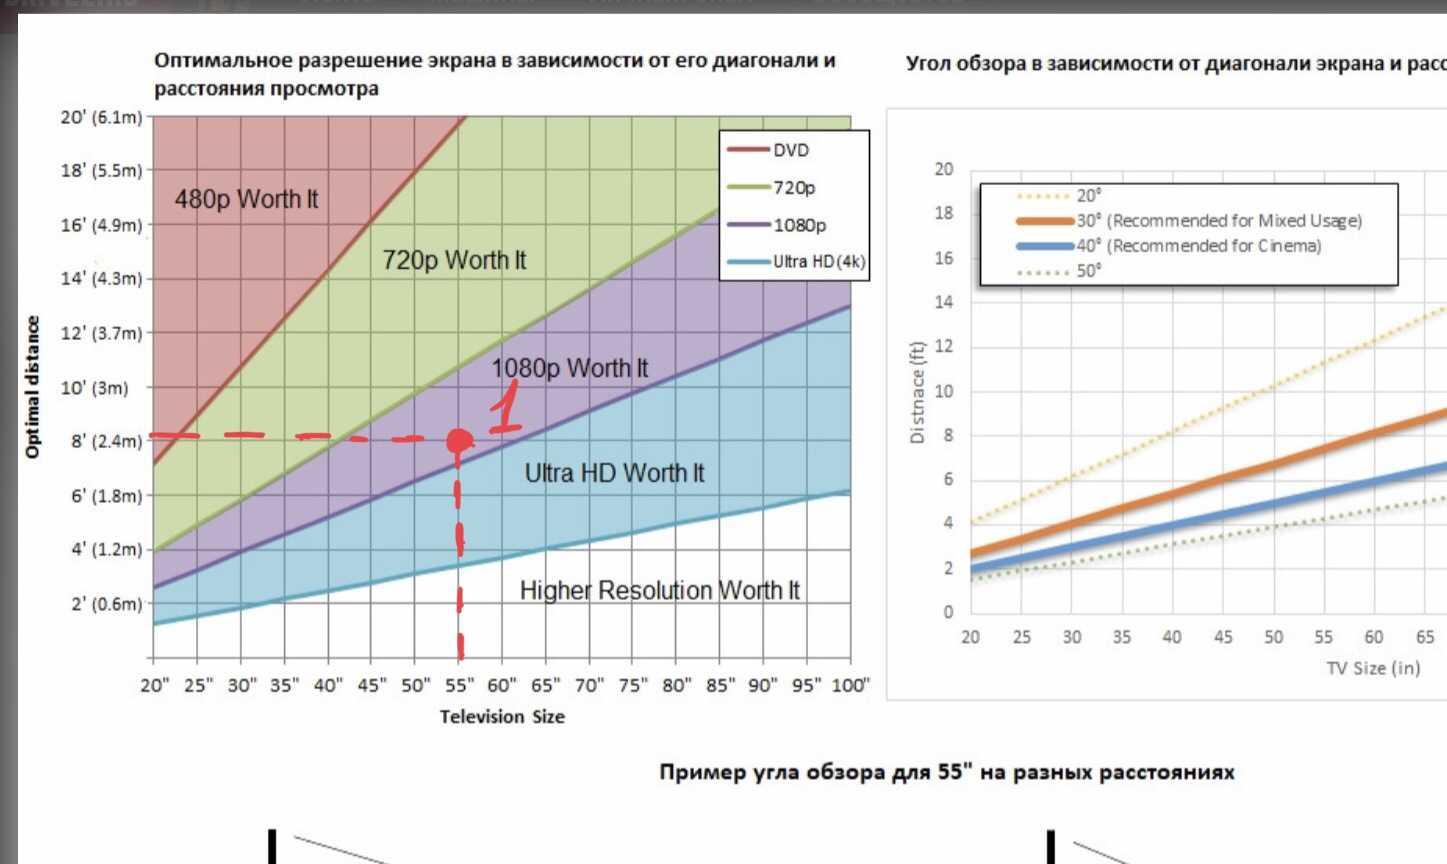 Расстояние до телевизора в зависимости от диагонали: как выбрать диагональ для просмотра по таблице? какая подойдет для расстояния 3 метра?